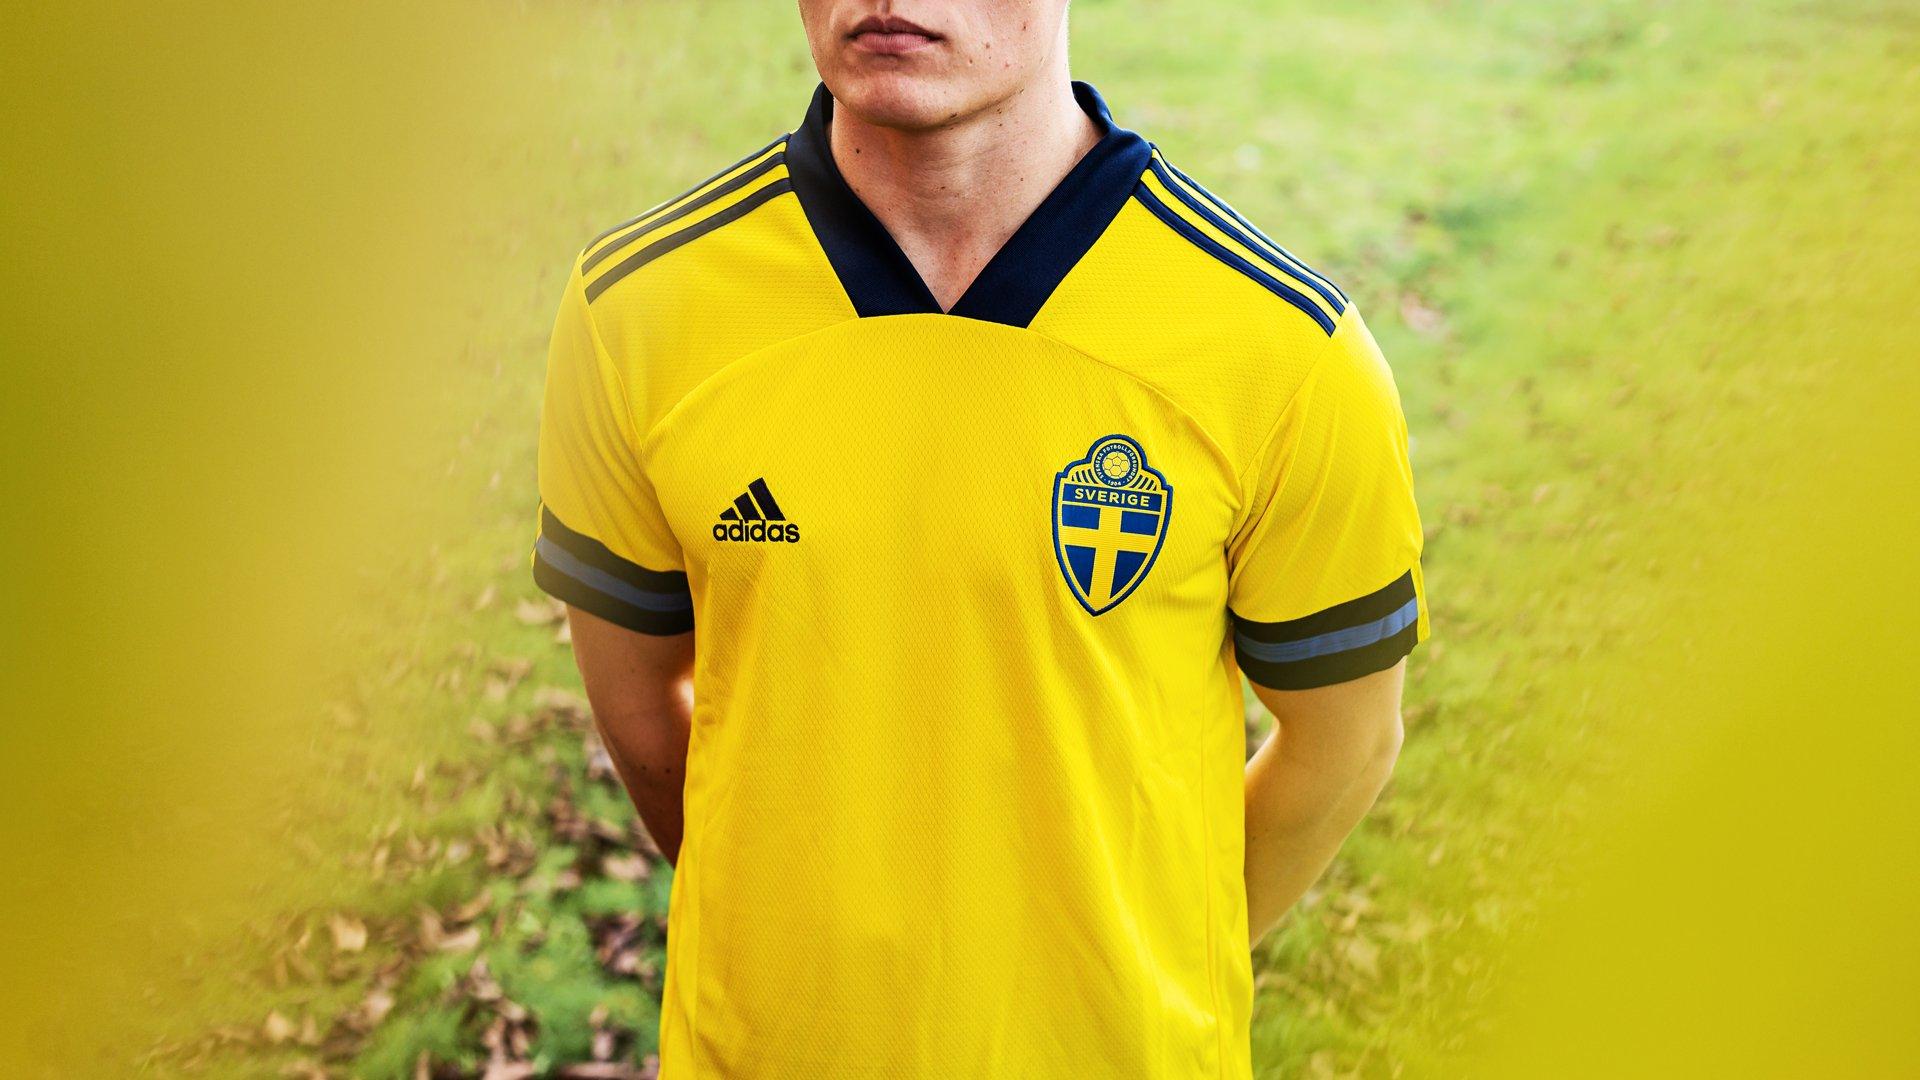 Sverige Hemmatröja 2020 | Läs mer om tröjan från adidas på